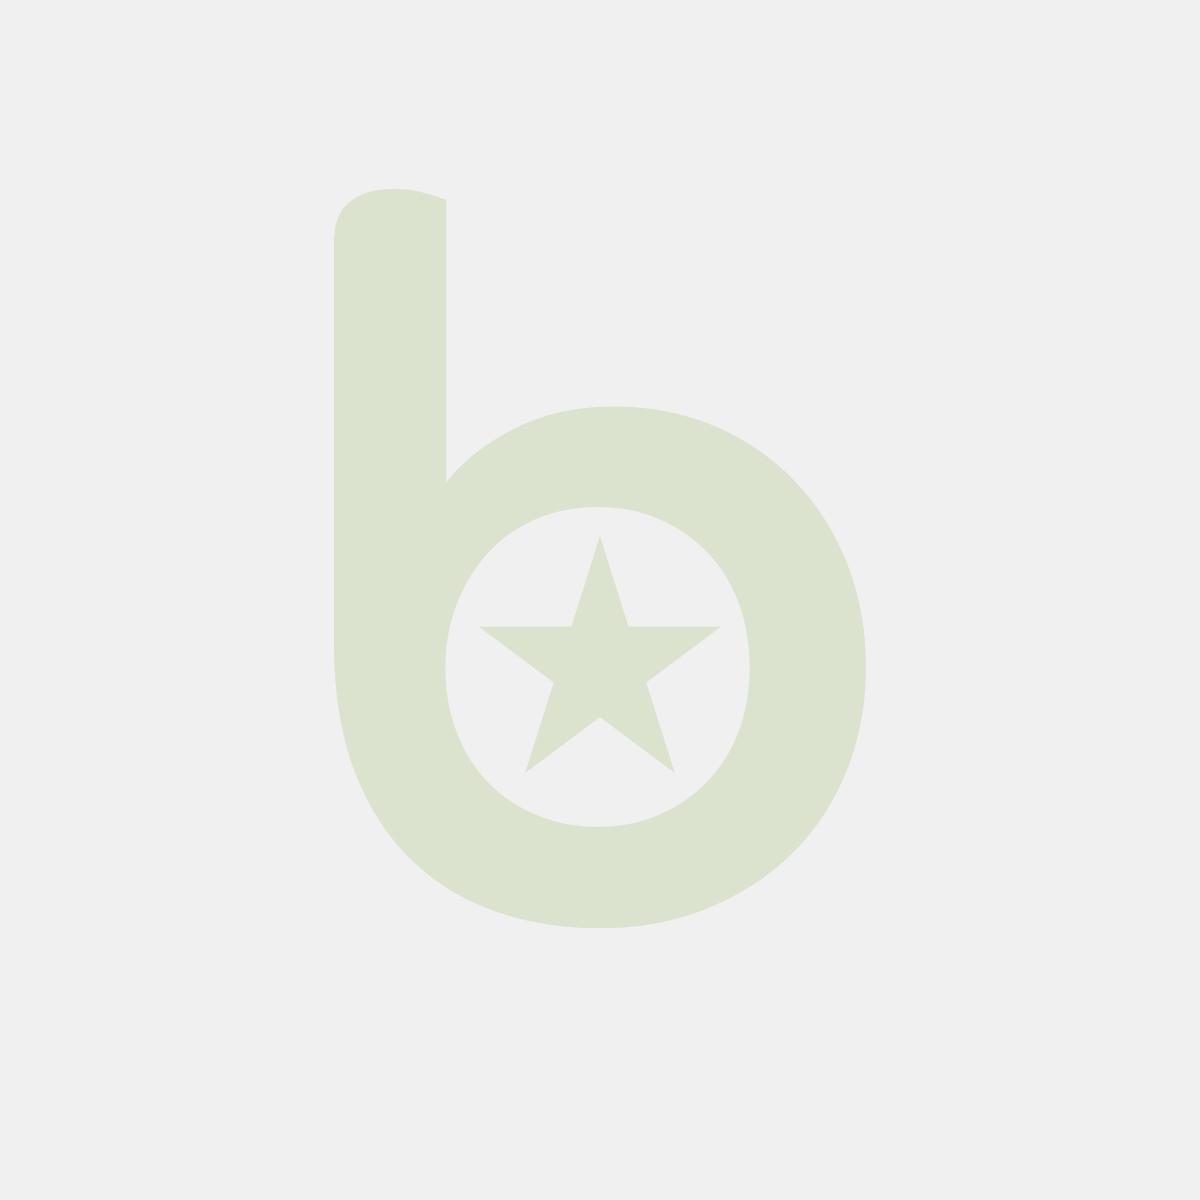 Zestaw taśmy pakowej SCOTCH® (309 BUFF), akrylowa, 2 szt., brązowa, podajnik GRATIS